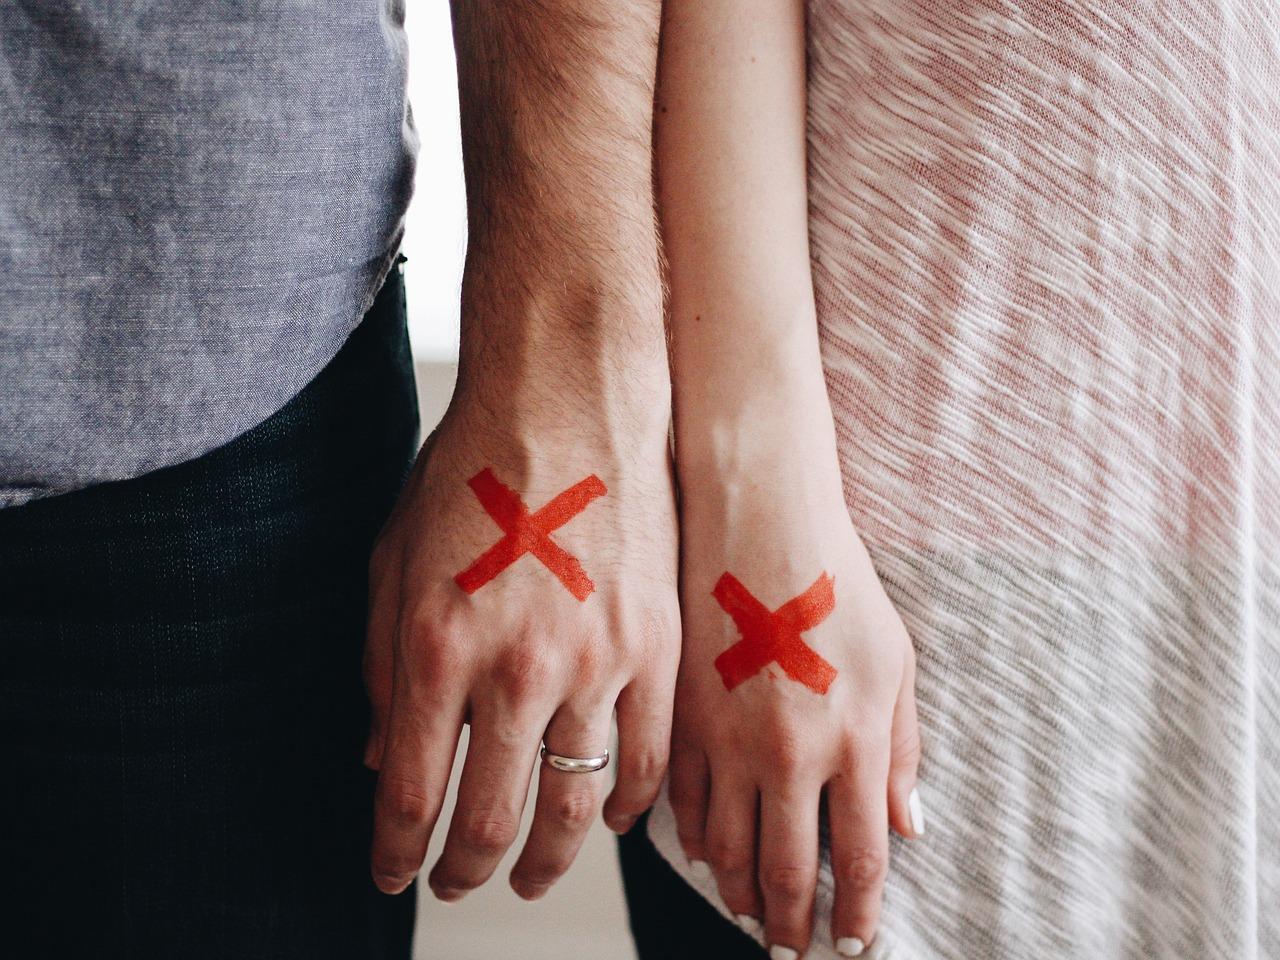 Affidamento-Quando-a-Scegliere-Sono-i-Figli-Acquisiti Affidamento: quando a scegliere sono i figli